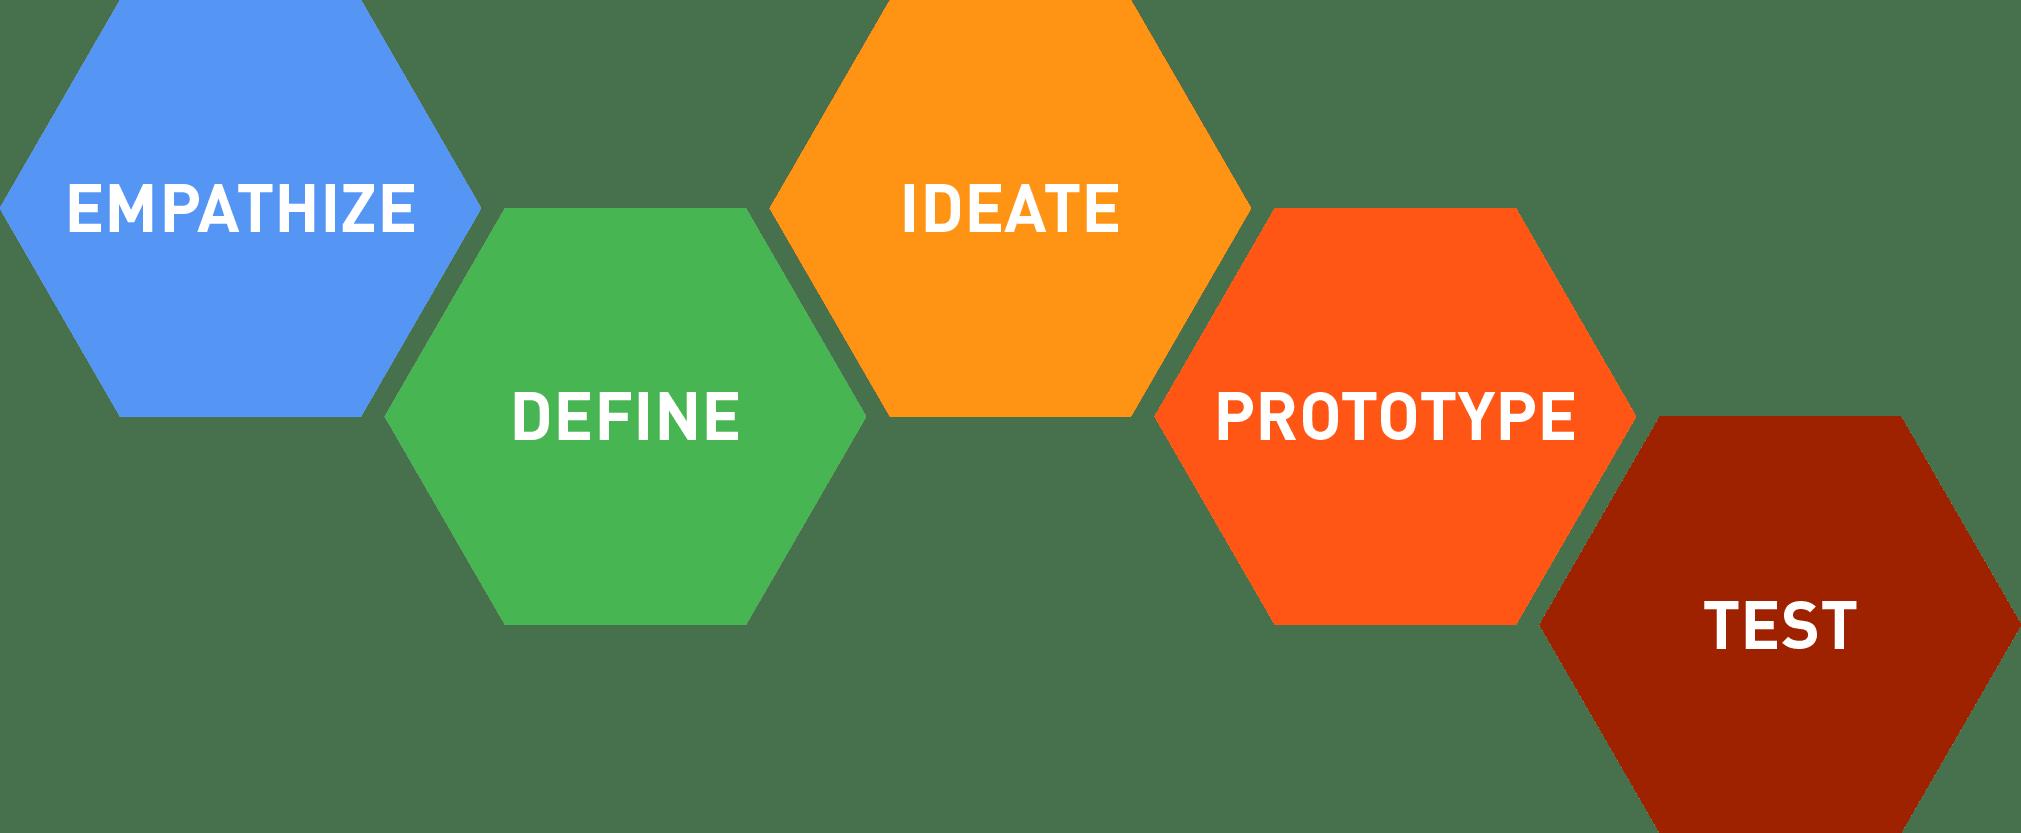 پروسه تفکر طراحی